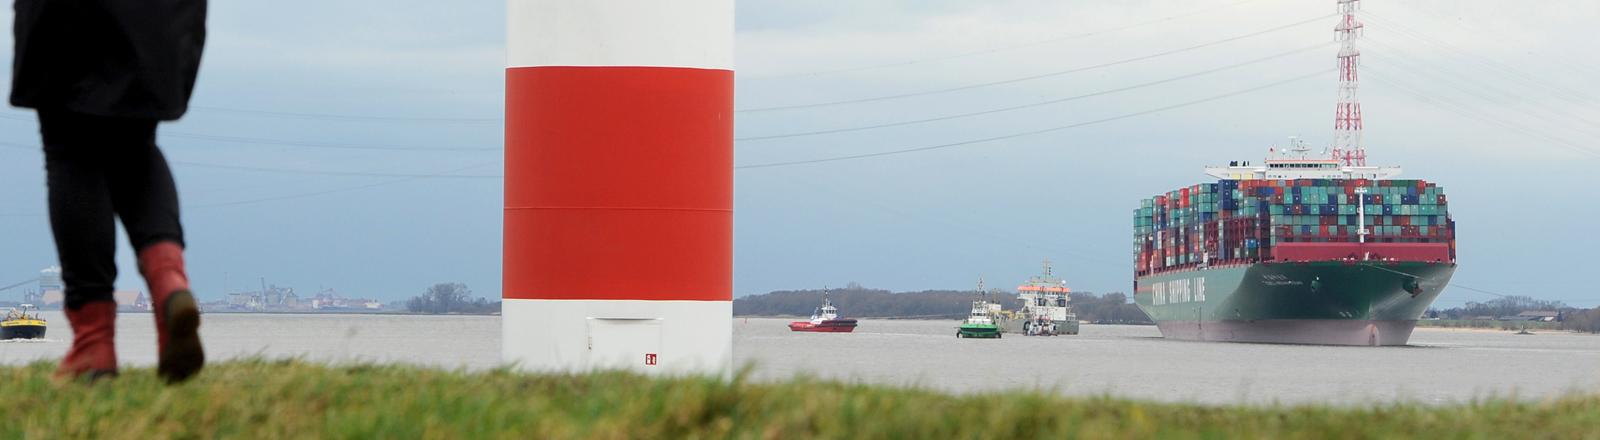 Containerschiff in Elbe stecken geblieben. dpa